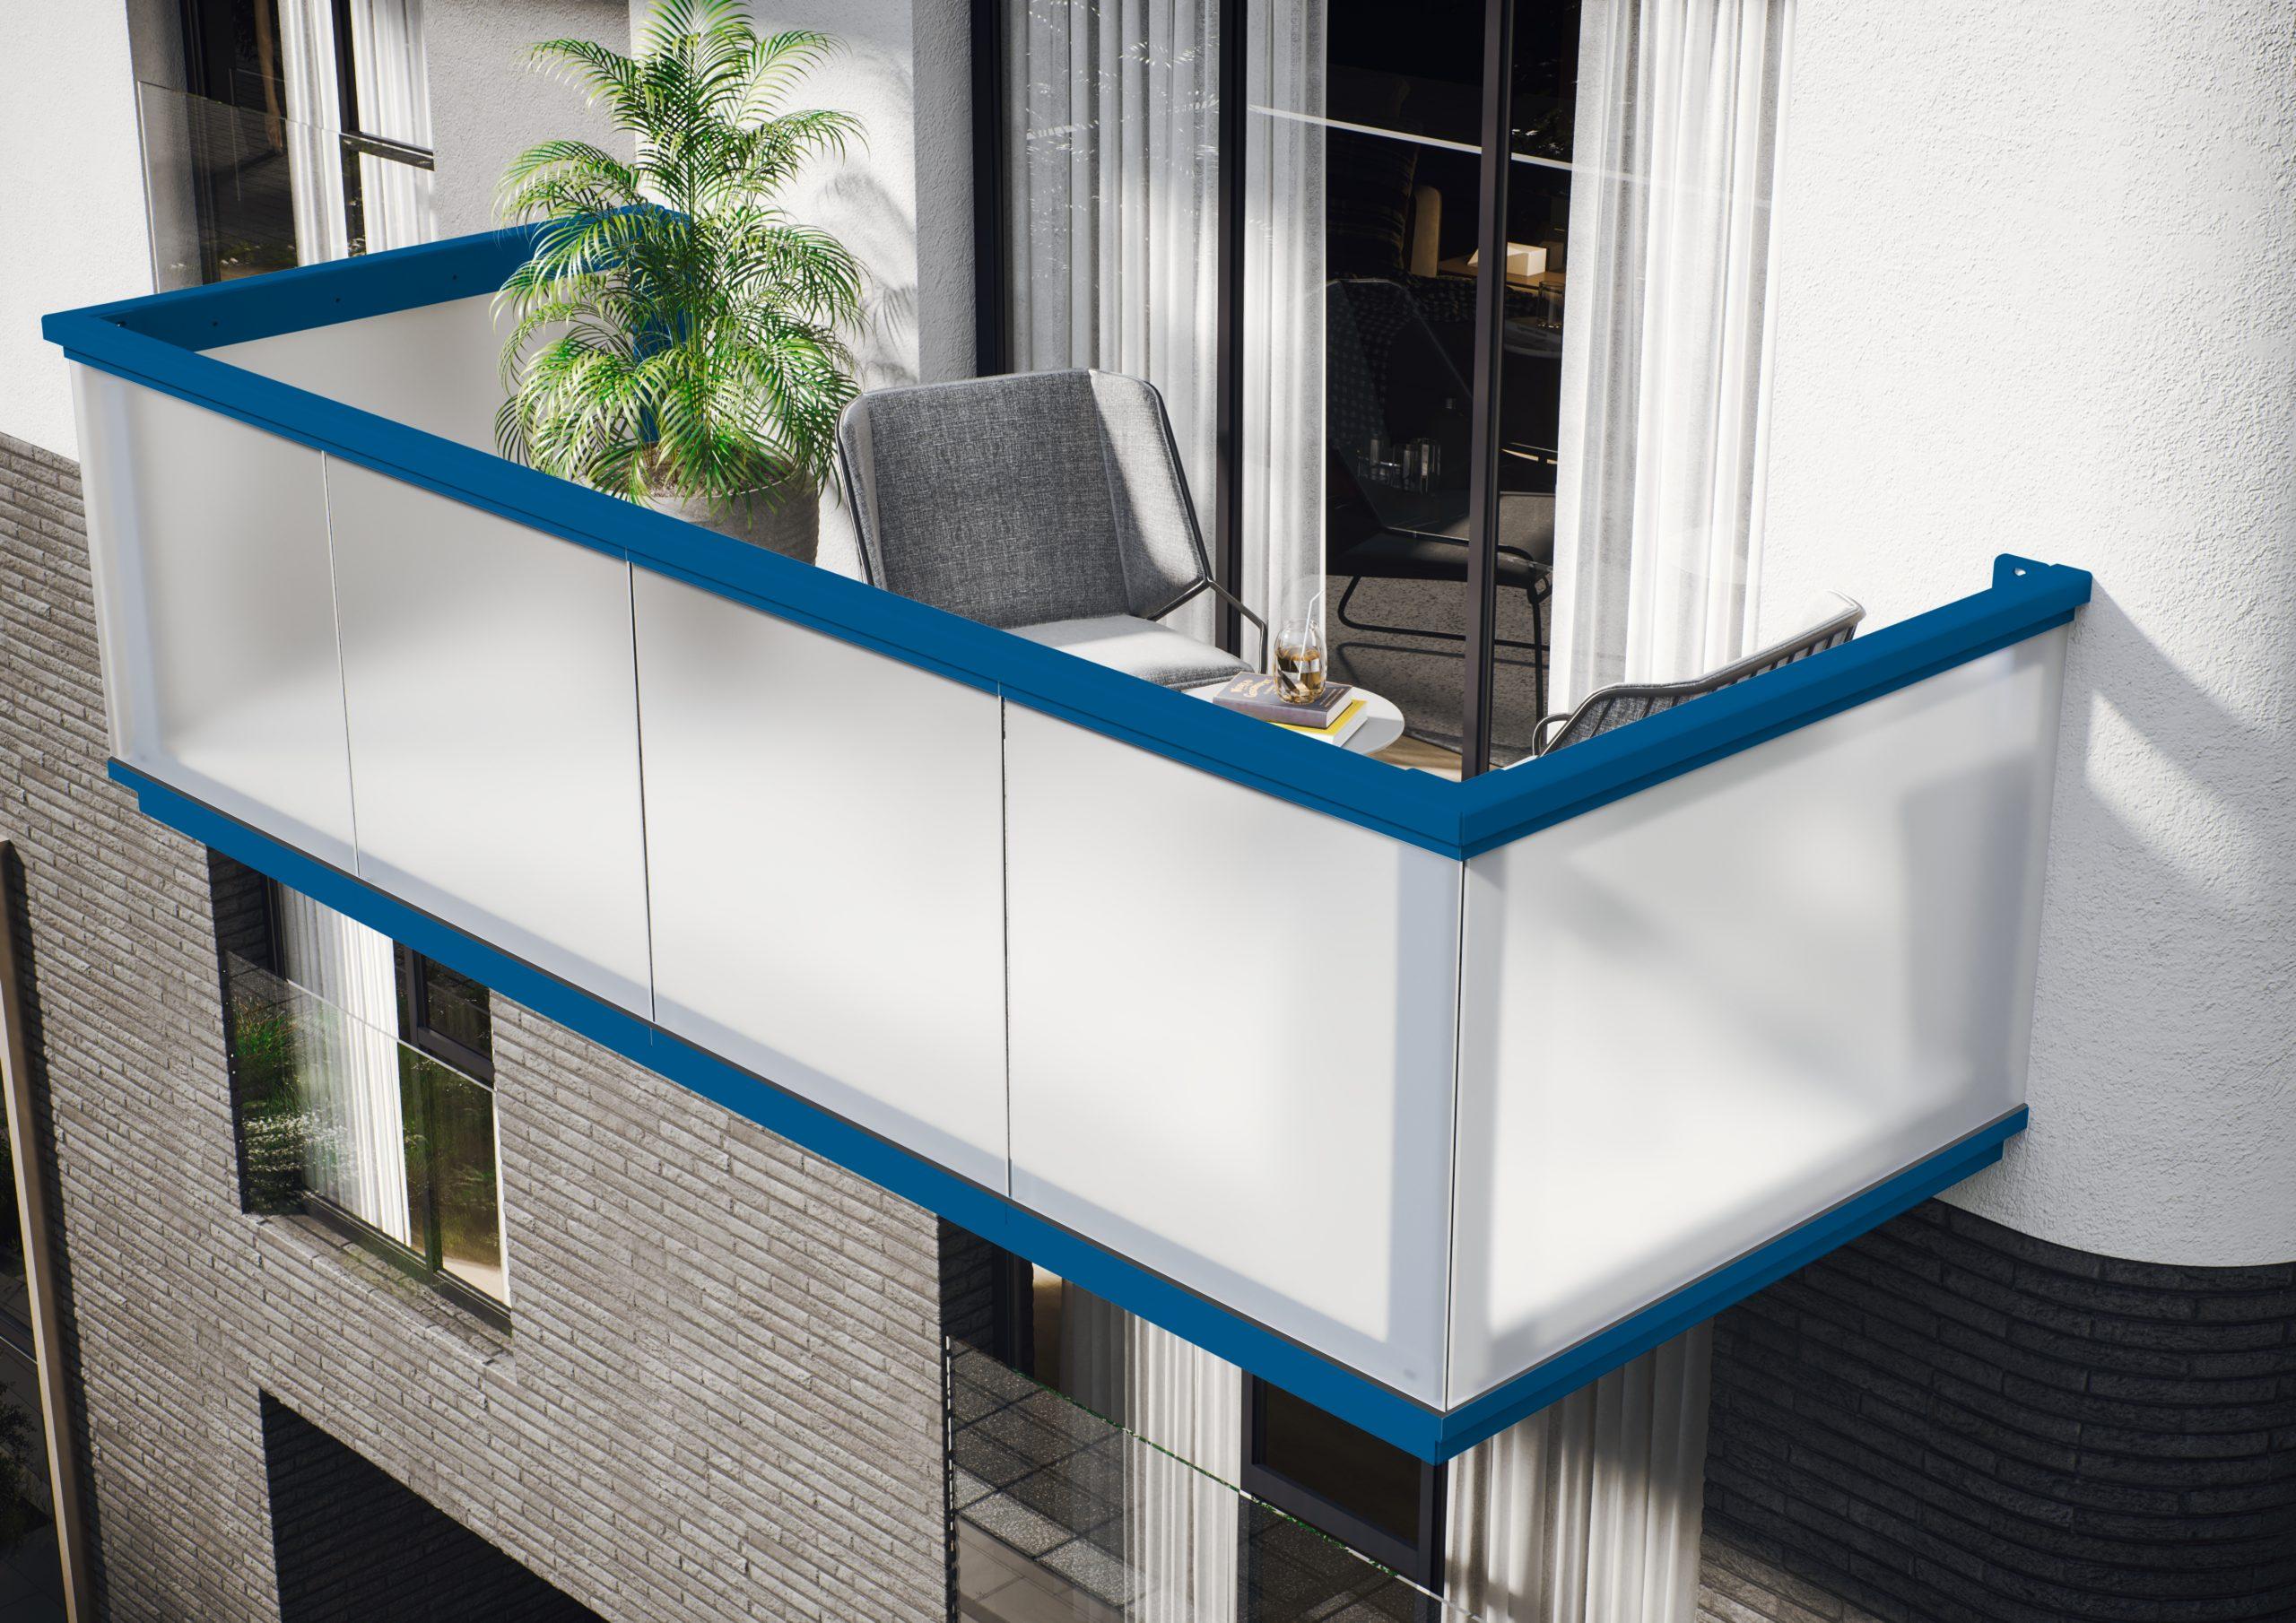 SMILLA Balkonbrüstung blau mit Milchglaseinsatz